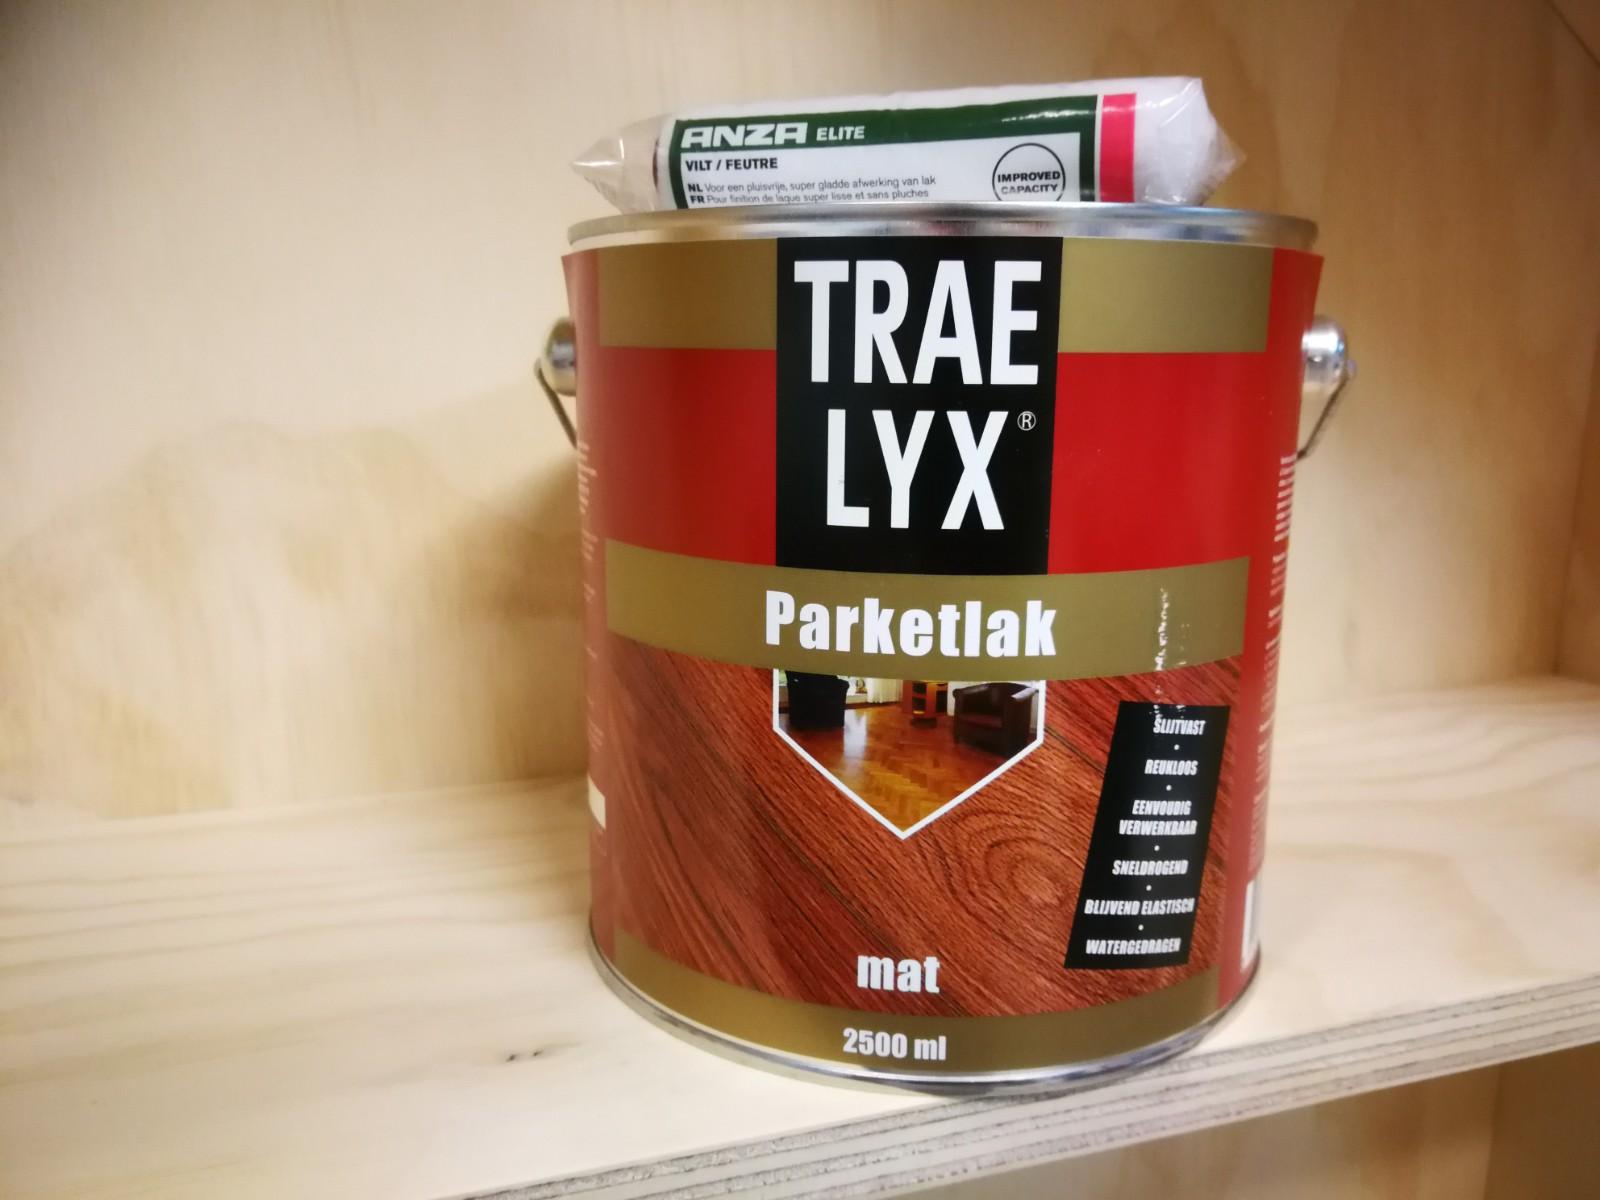 traelyx lak voor underlayment / multiplex